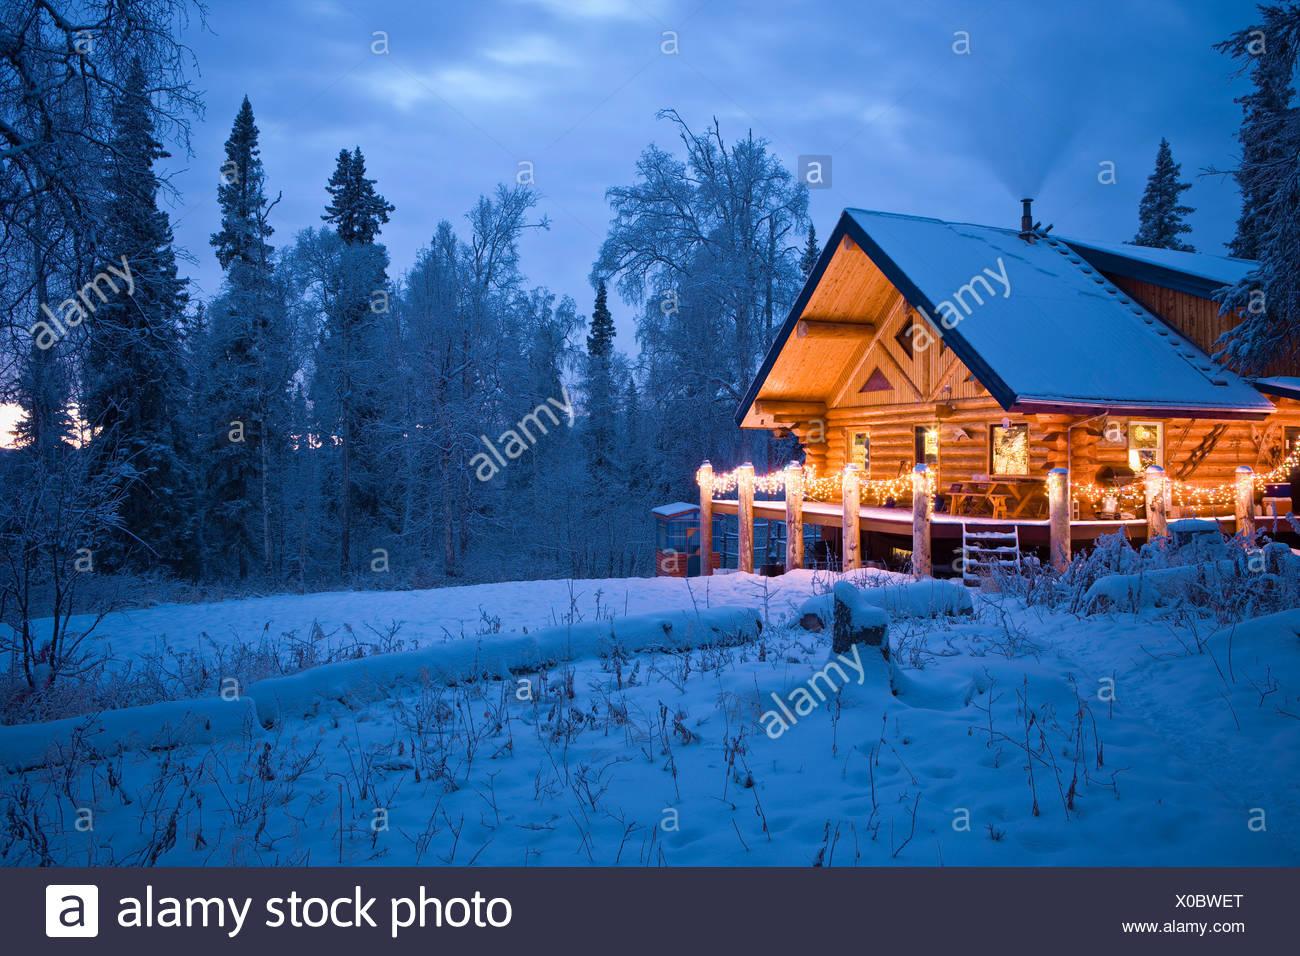 Log Cabin In The Woods Dekoriert Mit Weihnachtsbeleuchtung In Der